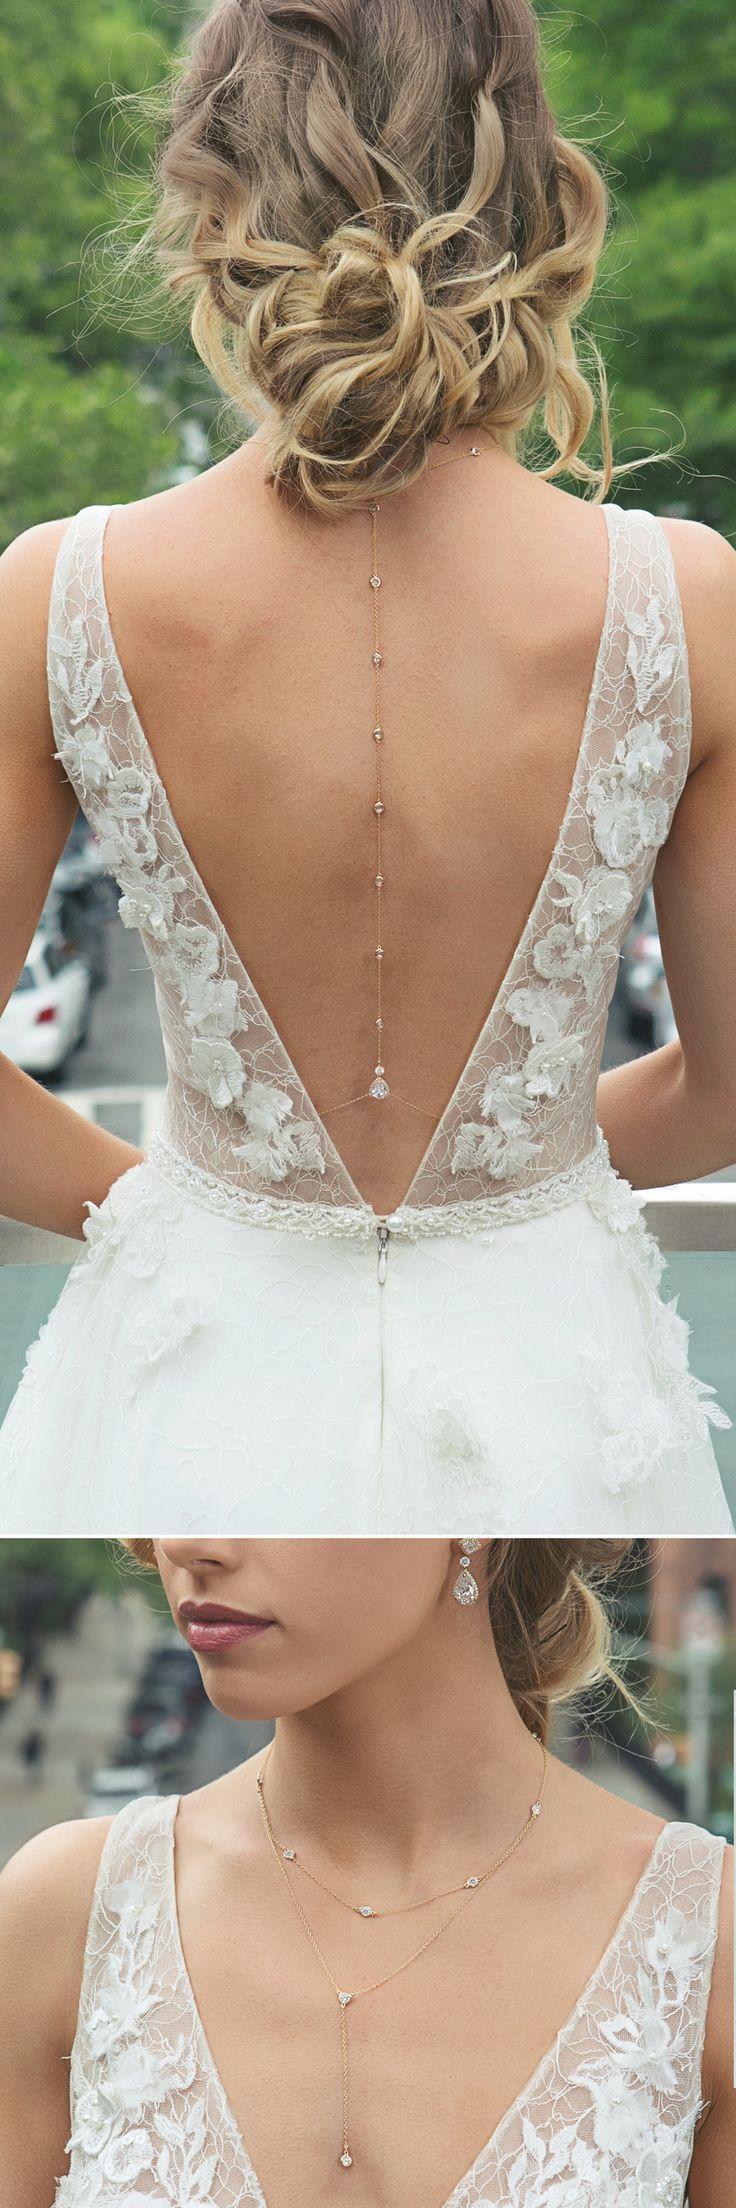 Wedding dress jewelry  Margaux Petite Back Pendant Necklace  yas  Pinterest  Wedding